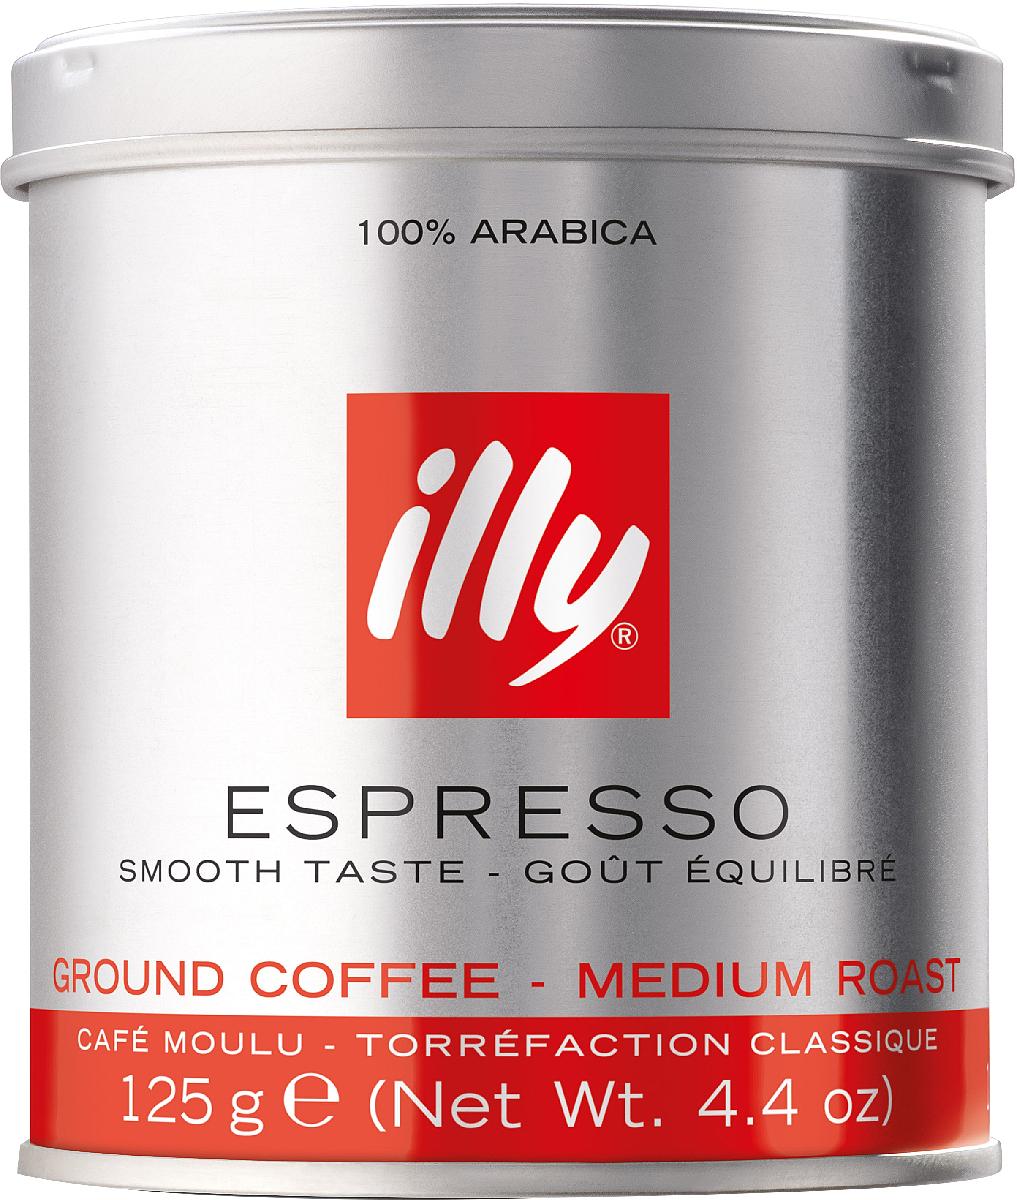 Illy Espresso кофе молотый средней обжарки, 125 г6844 (0722)Отличительный вкус illy: сбалансированный, мягкий и бархатистый, с приятной сладостью, нотами фруктов, карамели и шоколада. Подходит для любых способов приготовления.Кофе: мифы и факты. Статья OZON Гид